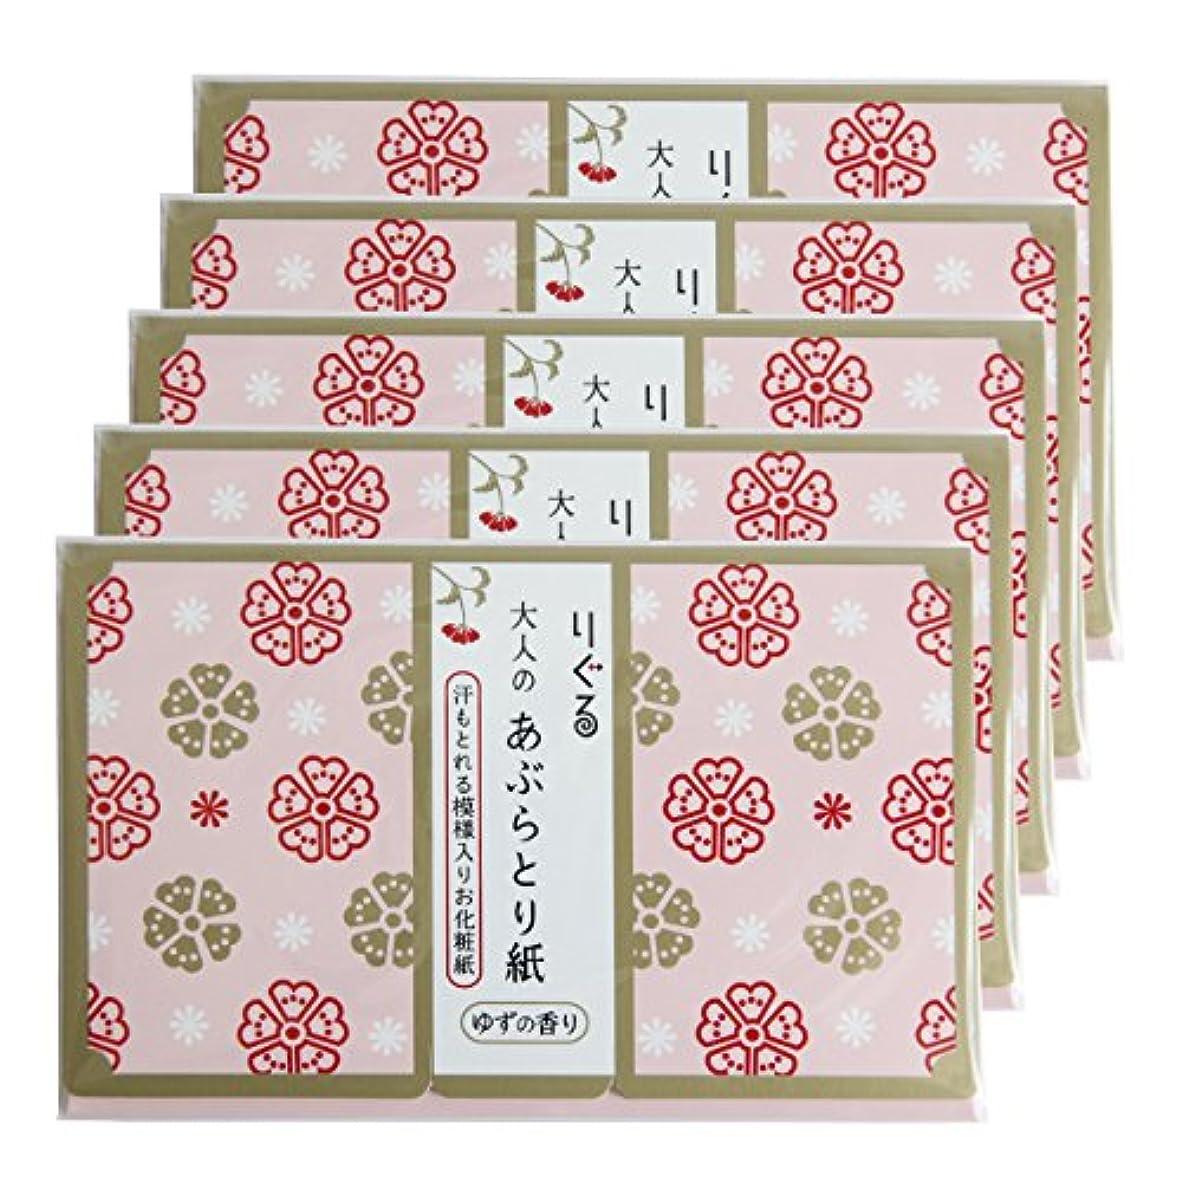 パラシュート差山りぐる 大人のあぶらとり紙 使うたびにうれしくなる ちょっと贅沢な高知県産ゆずの香りのあぶらとり紙(30枚入り) (5p)